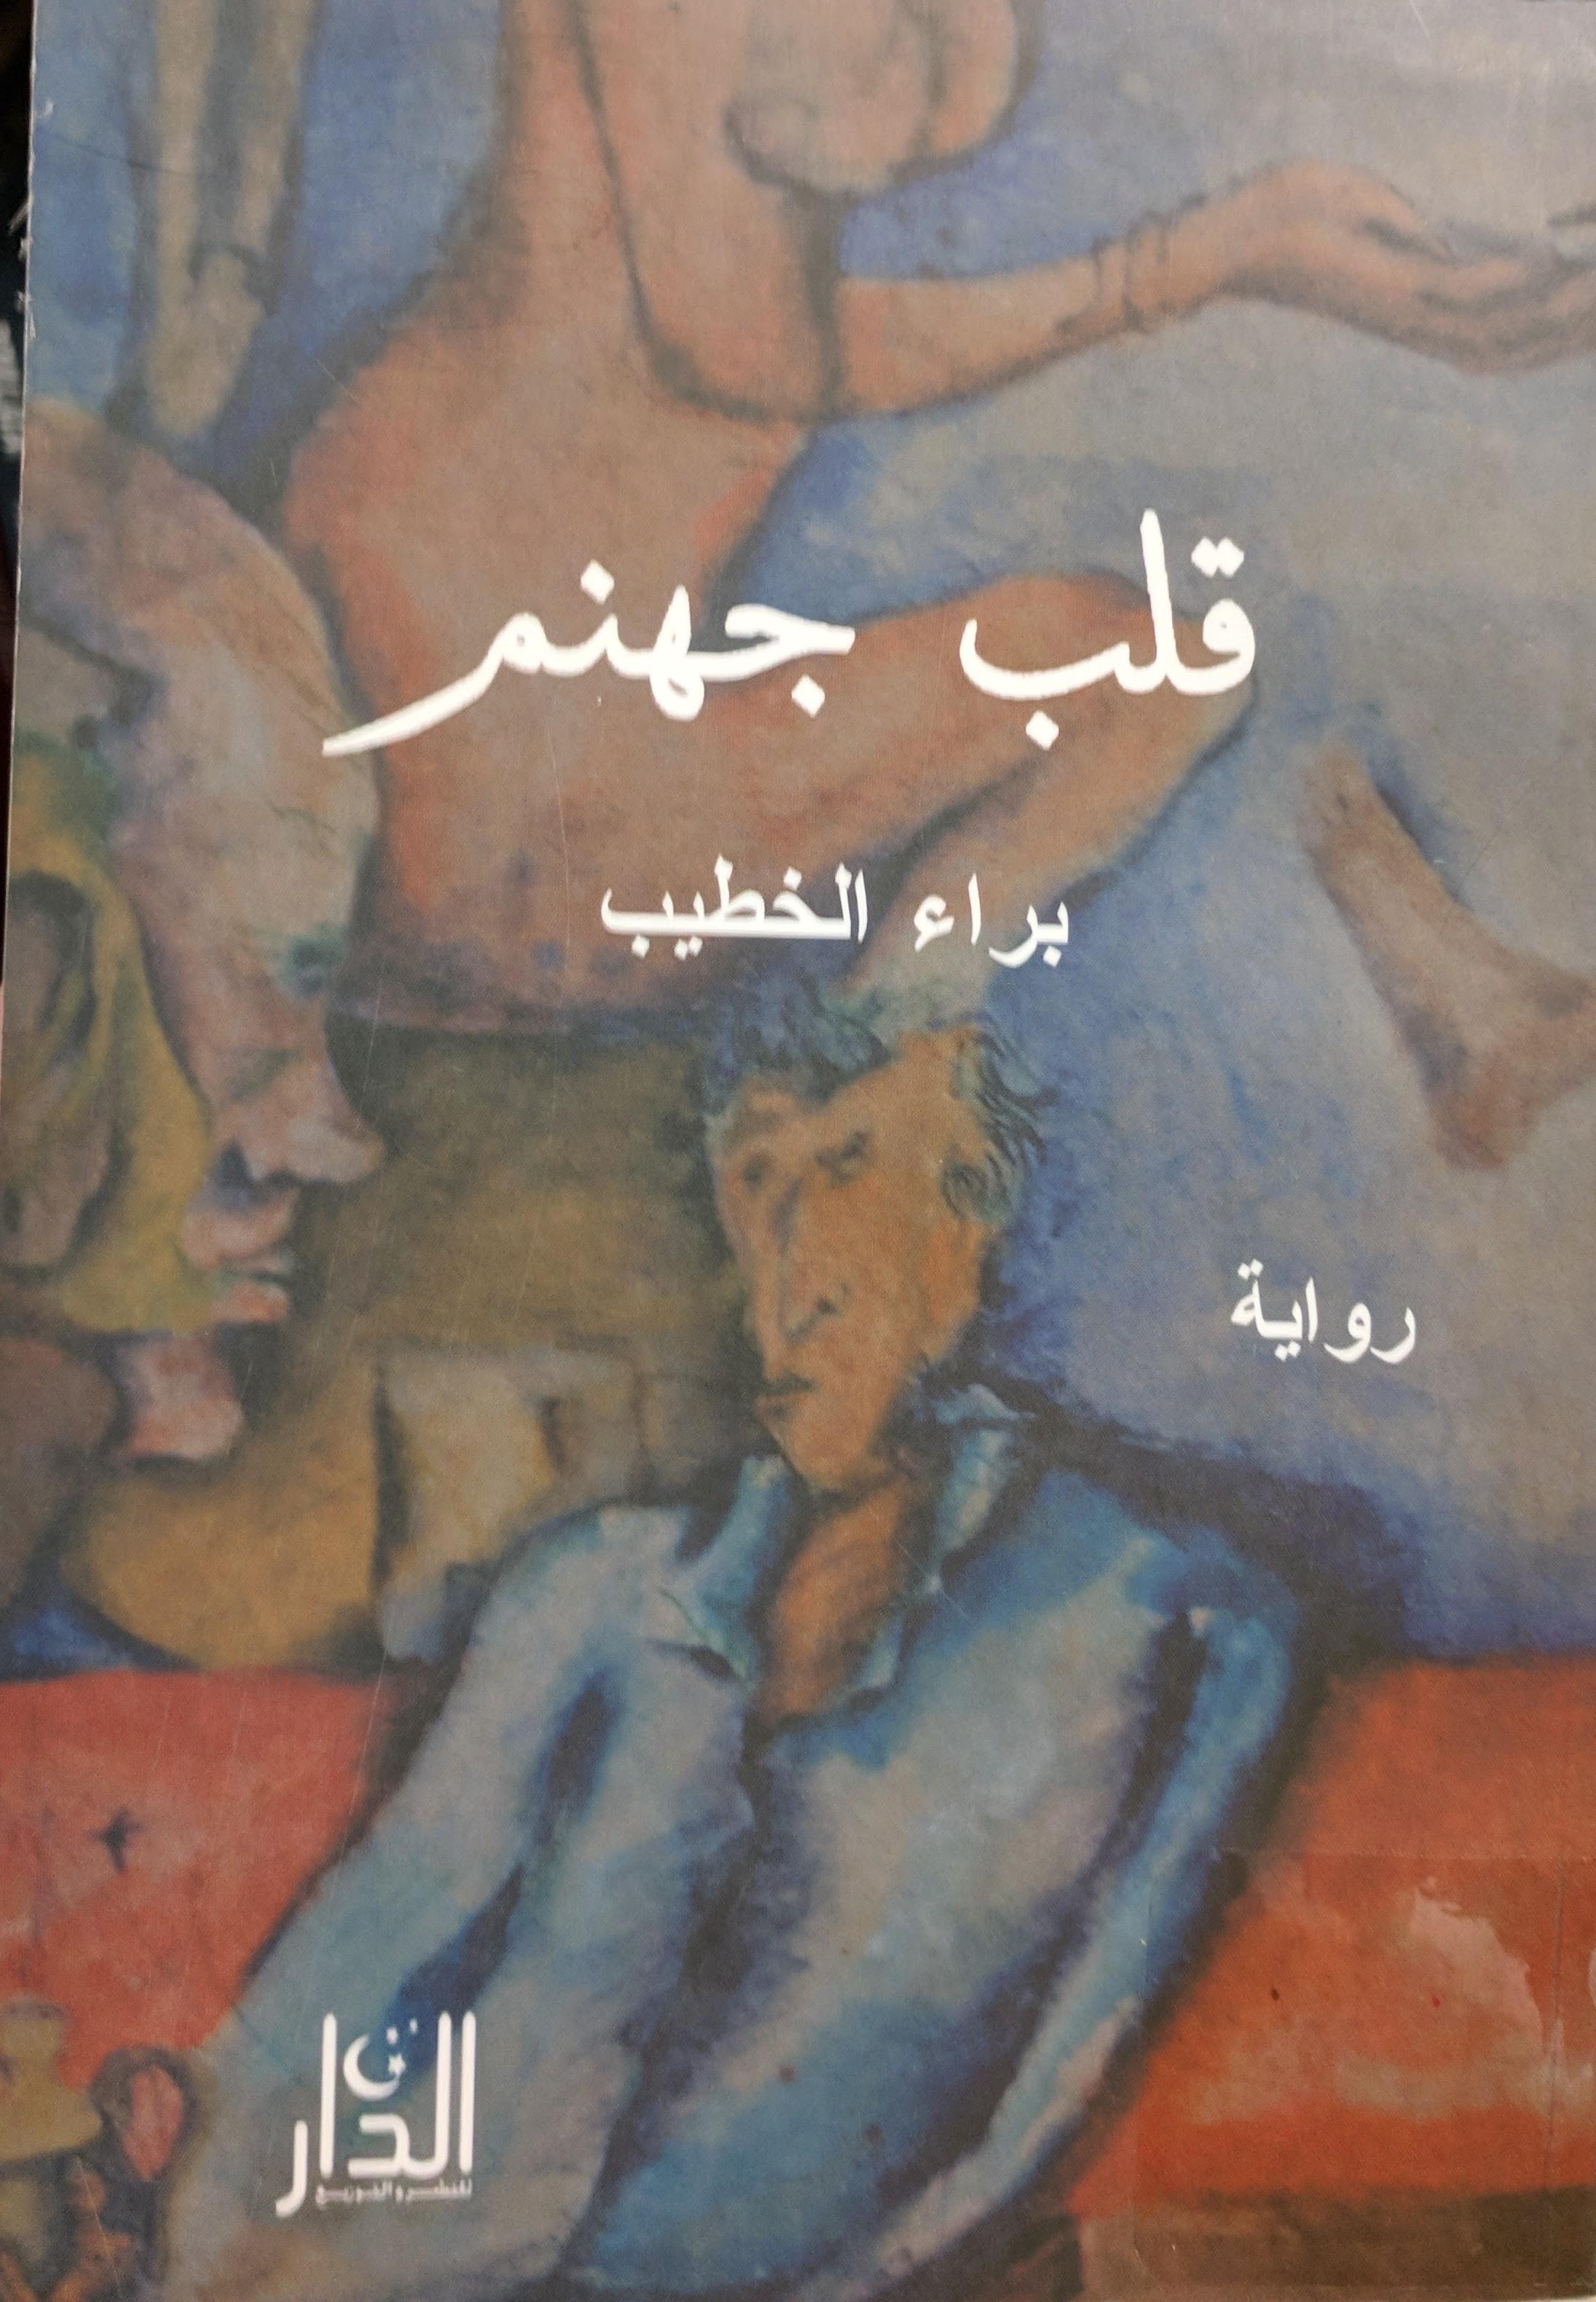 Barāʾ al-Khaṭīb, Qalb jahannam (al-Qāhirah: al-Dār, 2010)